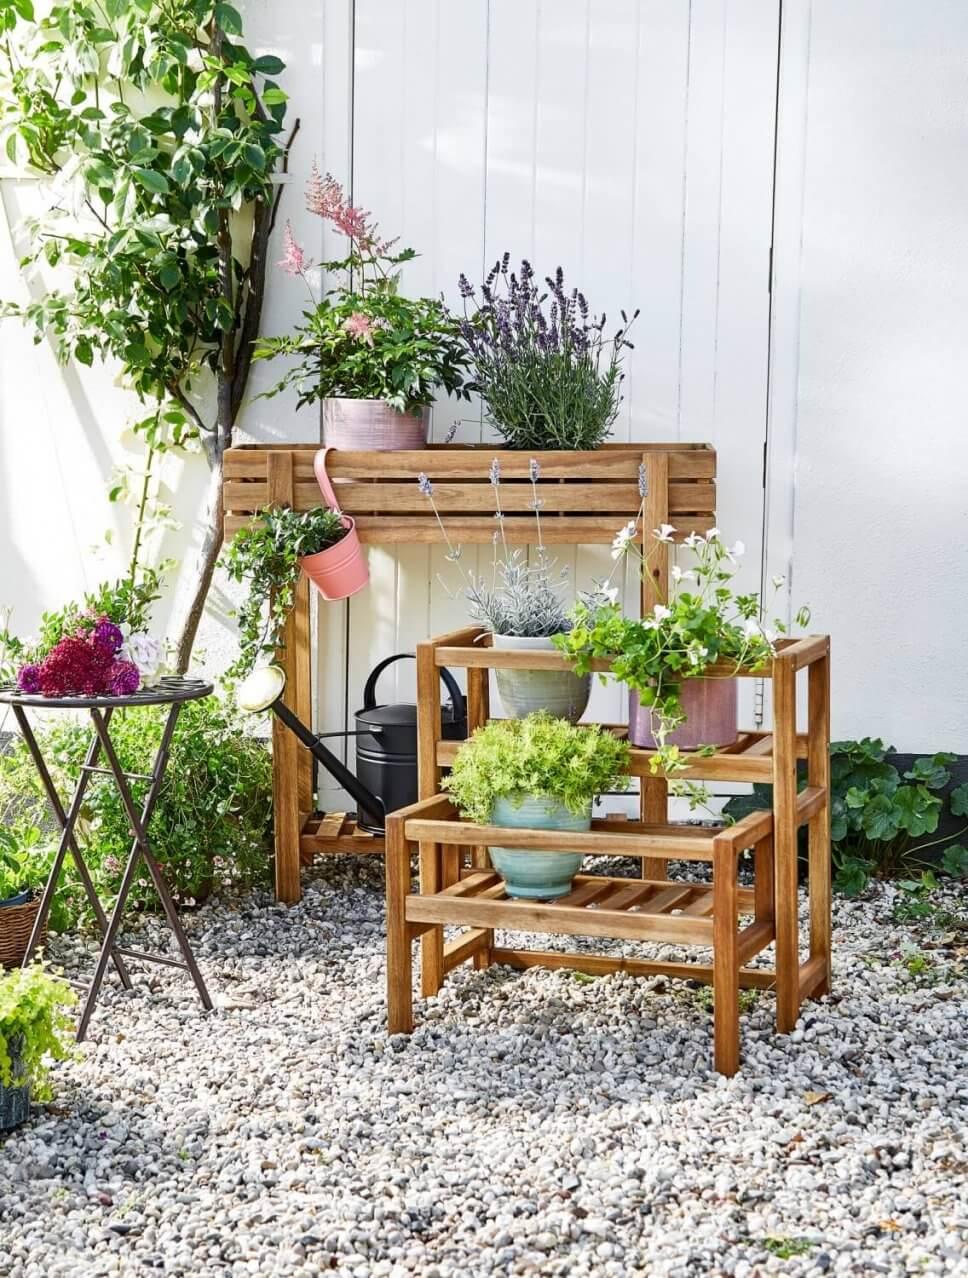 Mit Kübelpflanzen bepflanzte Blumenbänke auf Kies-Terrasse